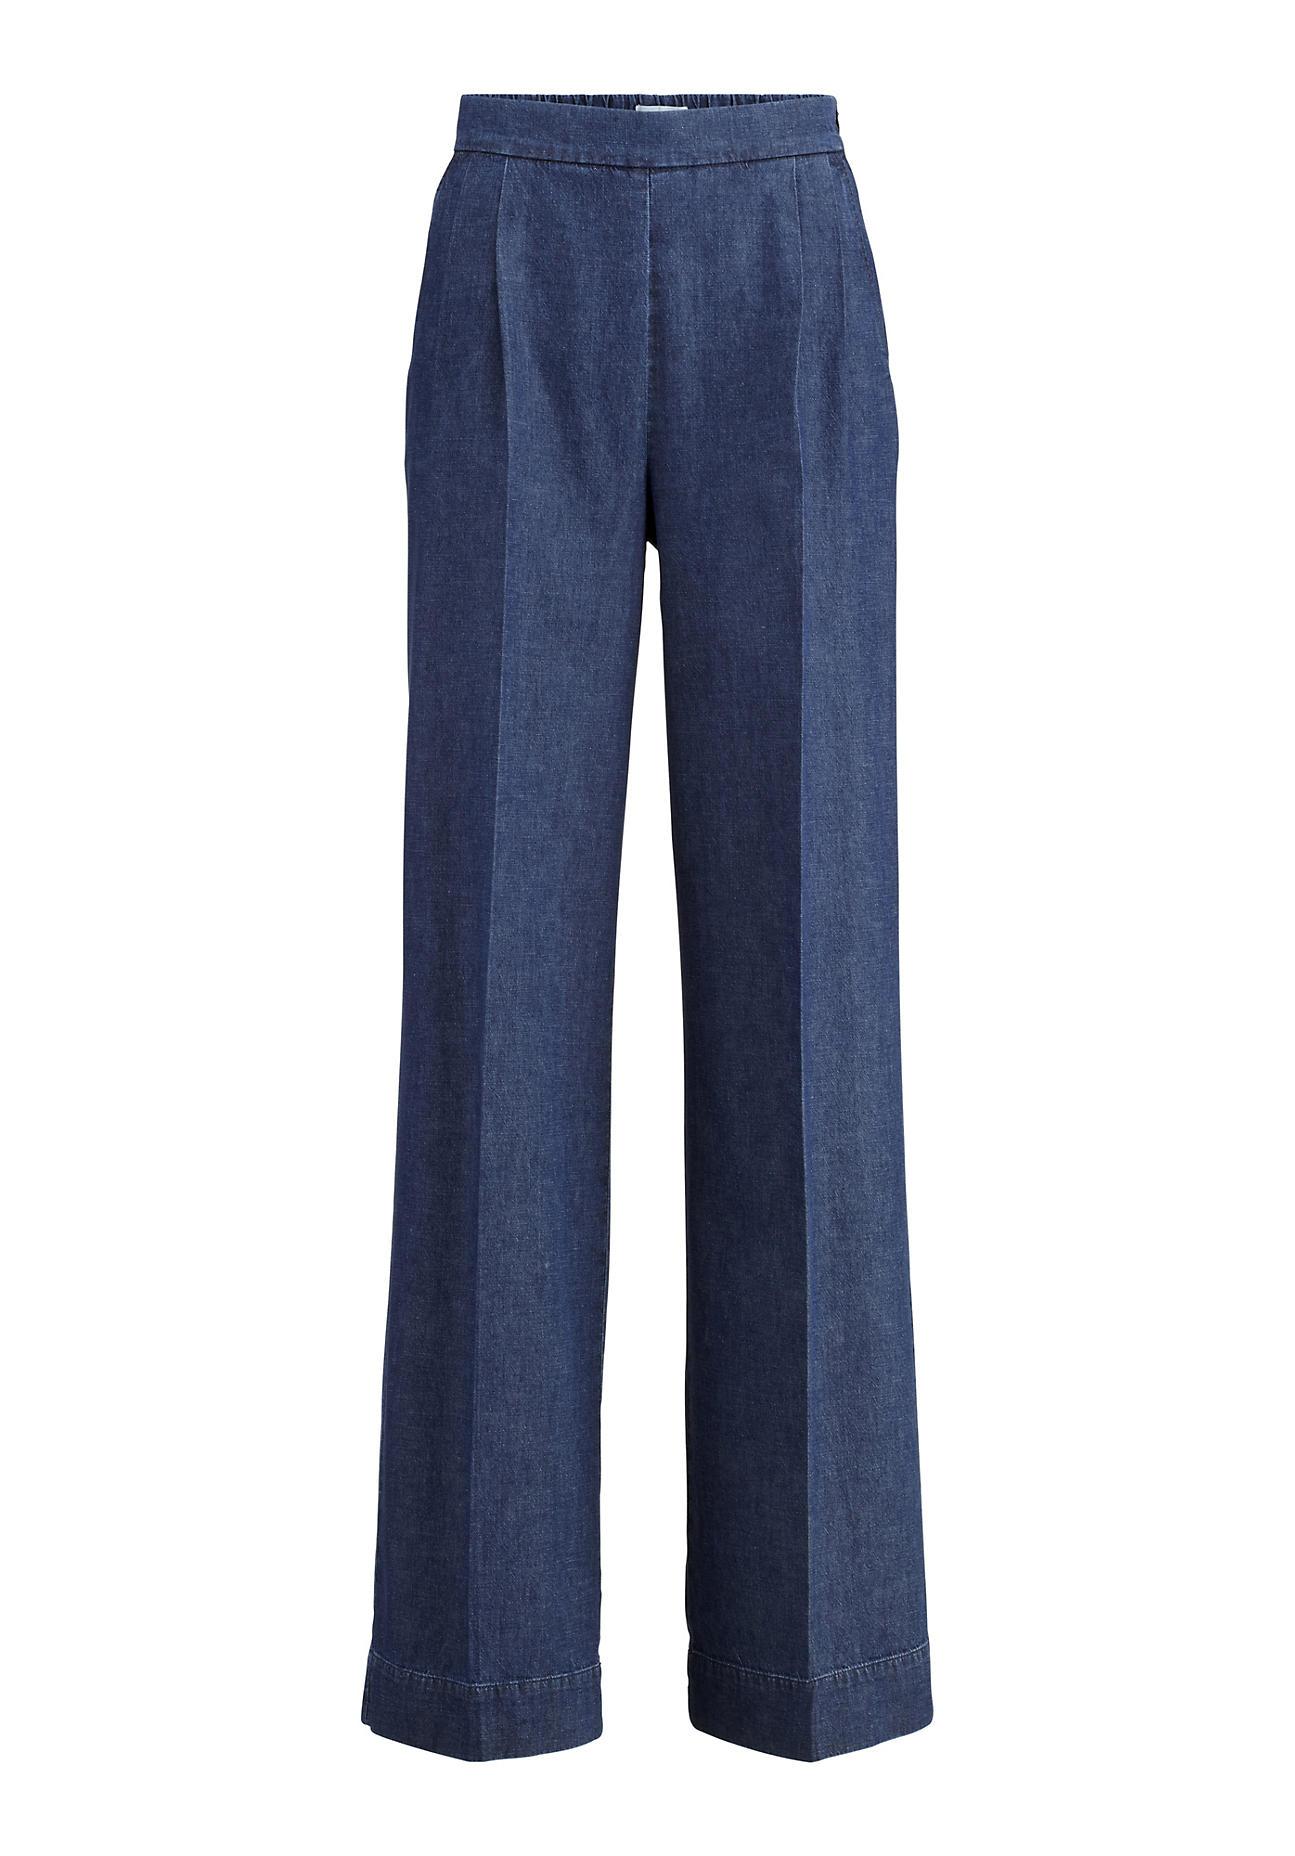 Hosen - hessnatur Damen Jeans Flared aus Bio Baumwolle mit Leinen – blau –  - Onlineshop Hessnatur